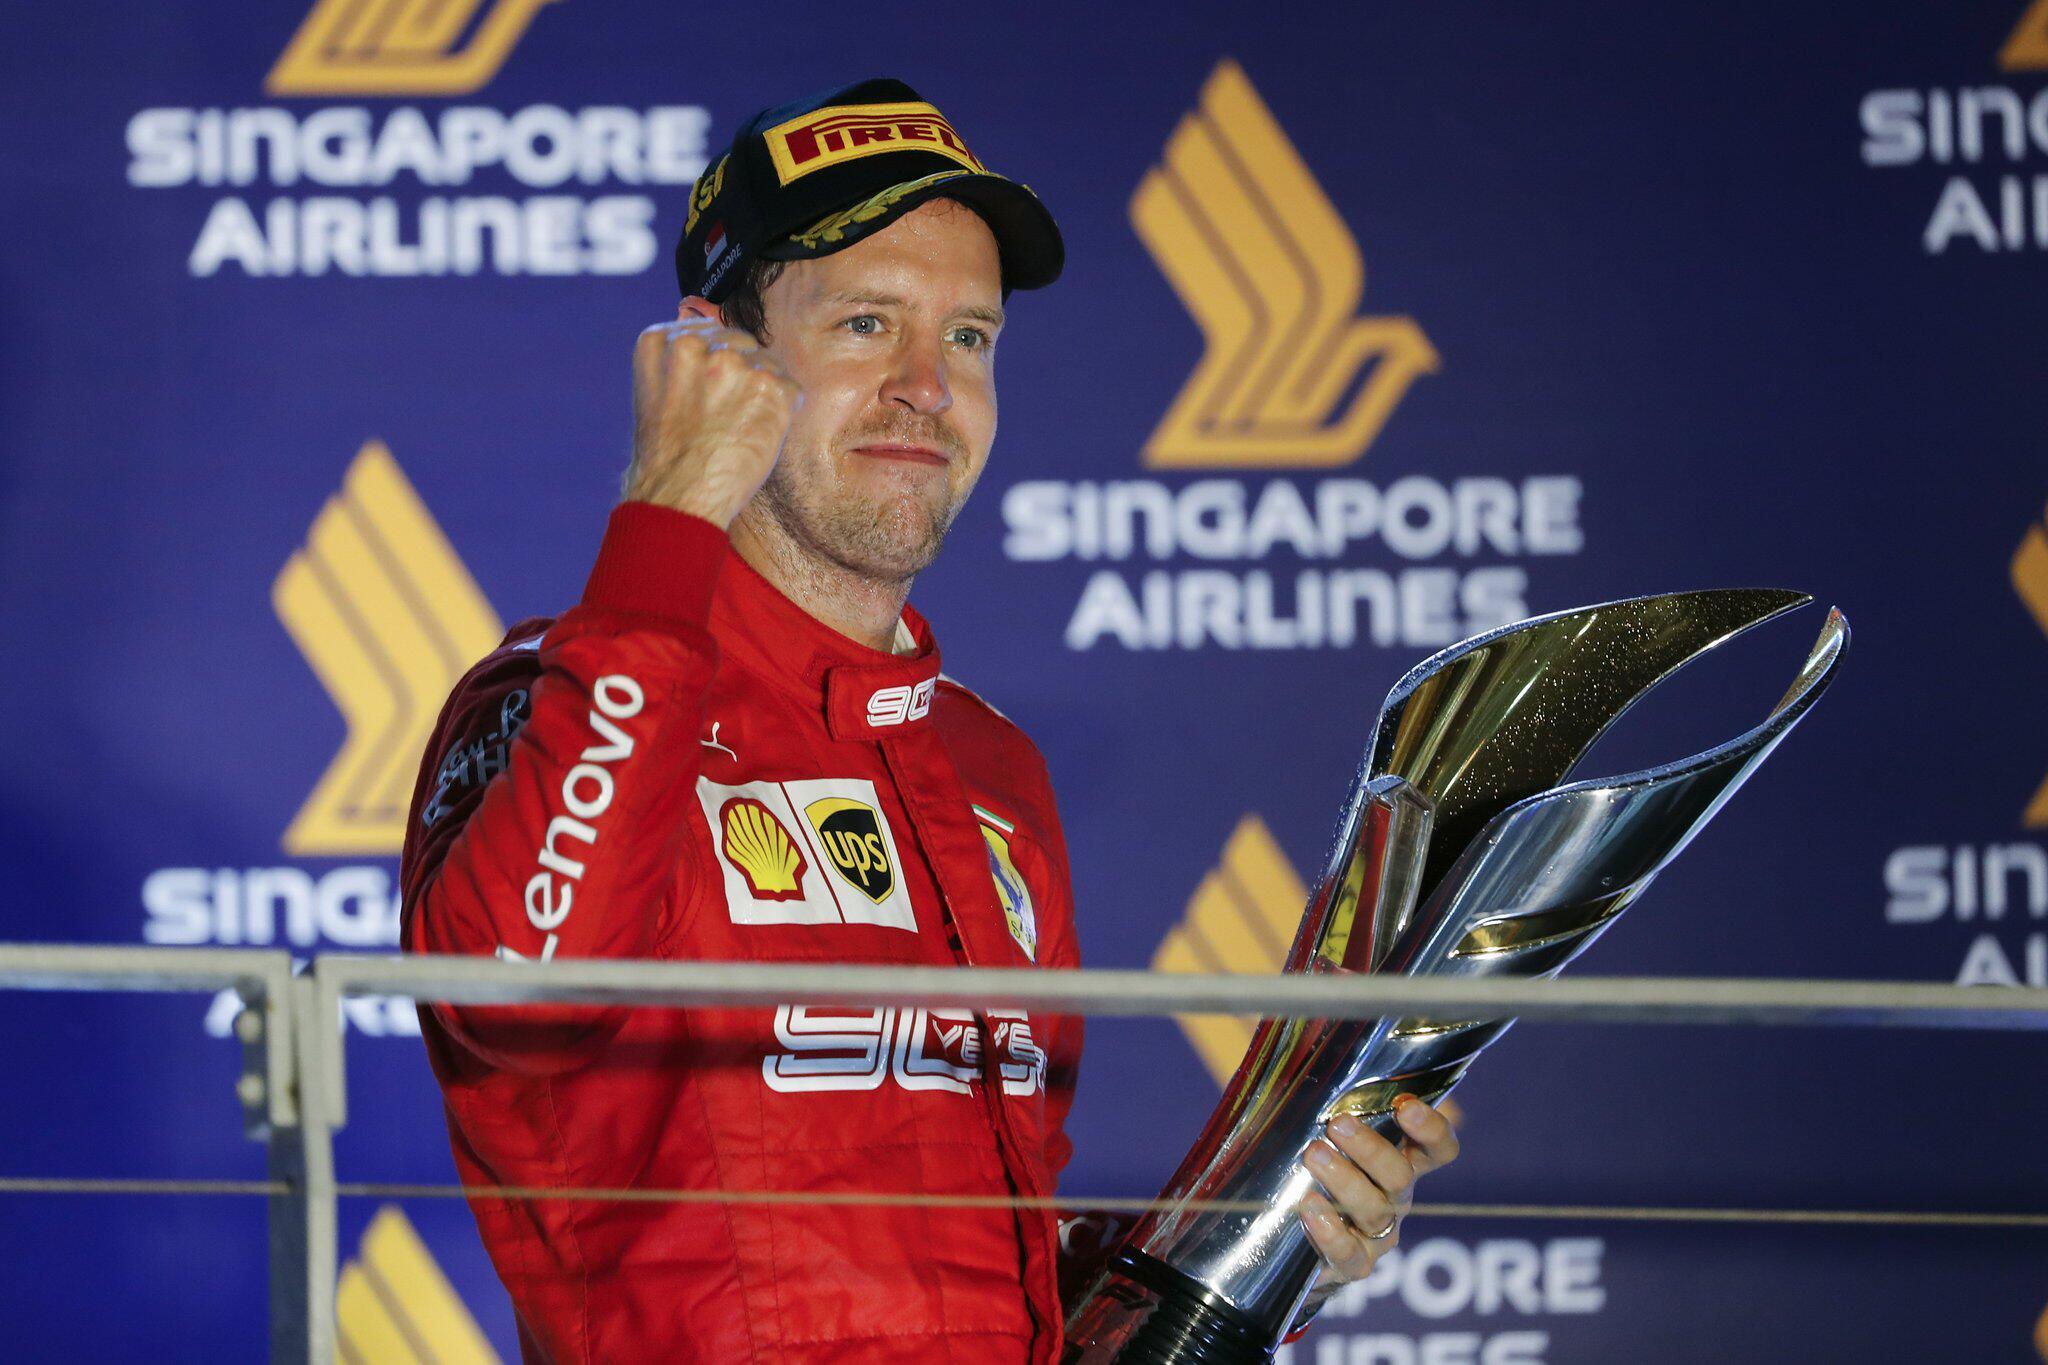 Bild zu Grand Prix von Singapur mit Sebastian Vettel als Sieger